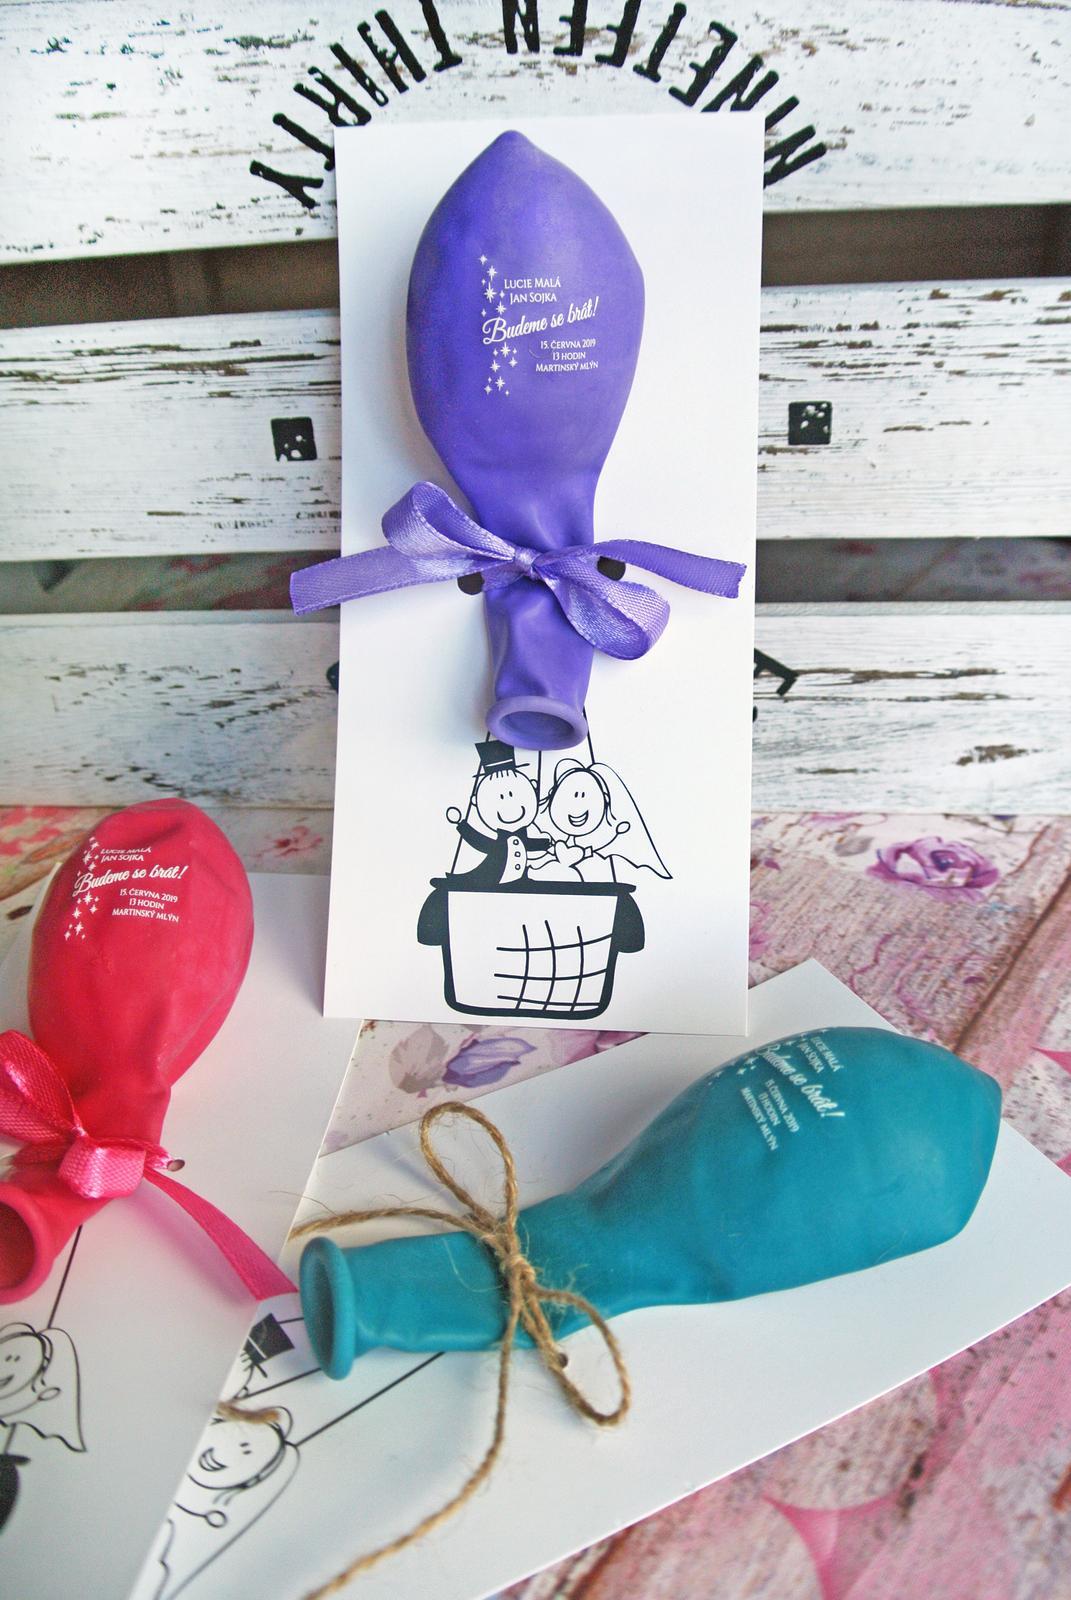 originální balonkové svatební oznámení - Obrázek č. 3